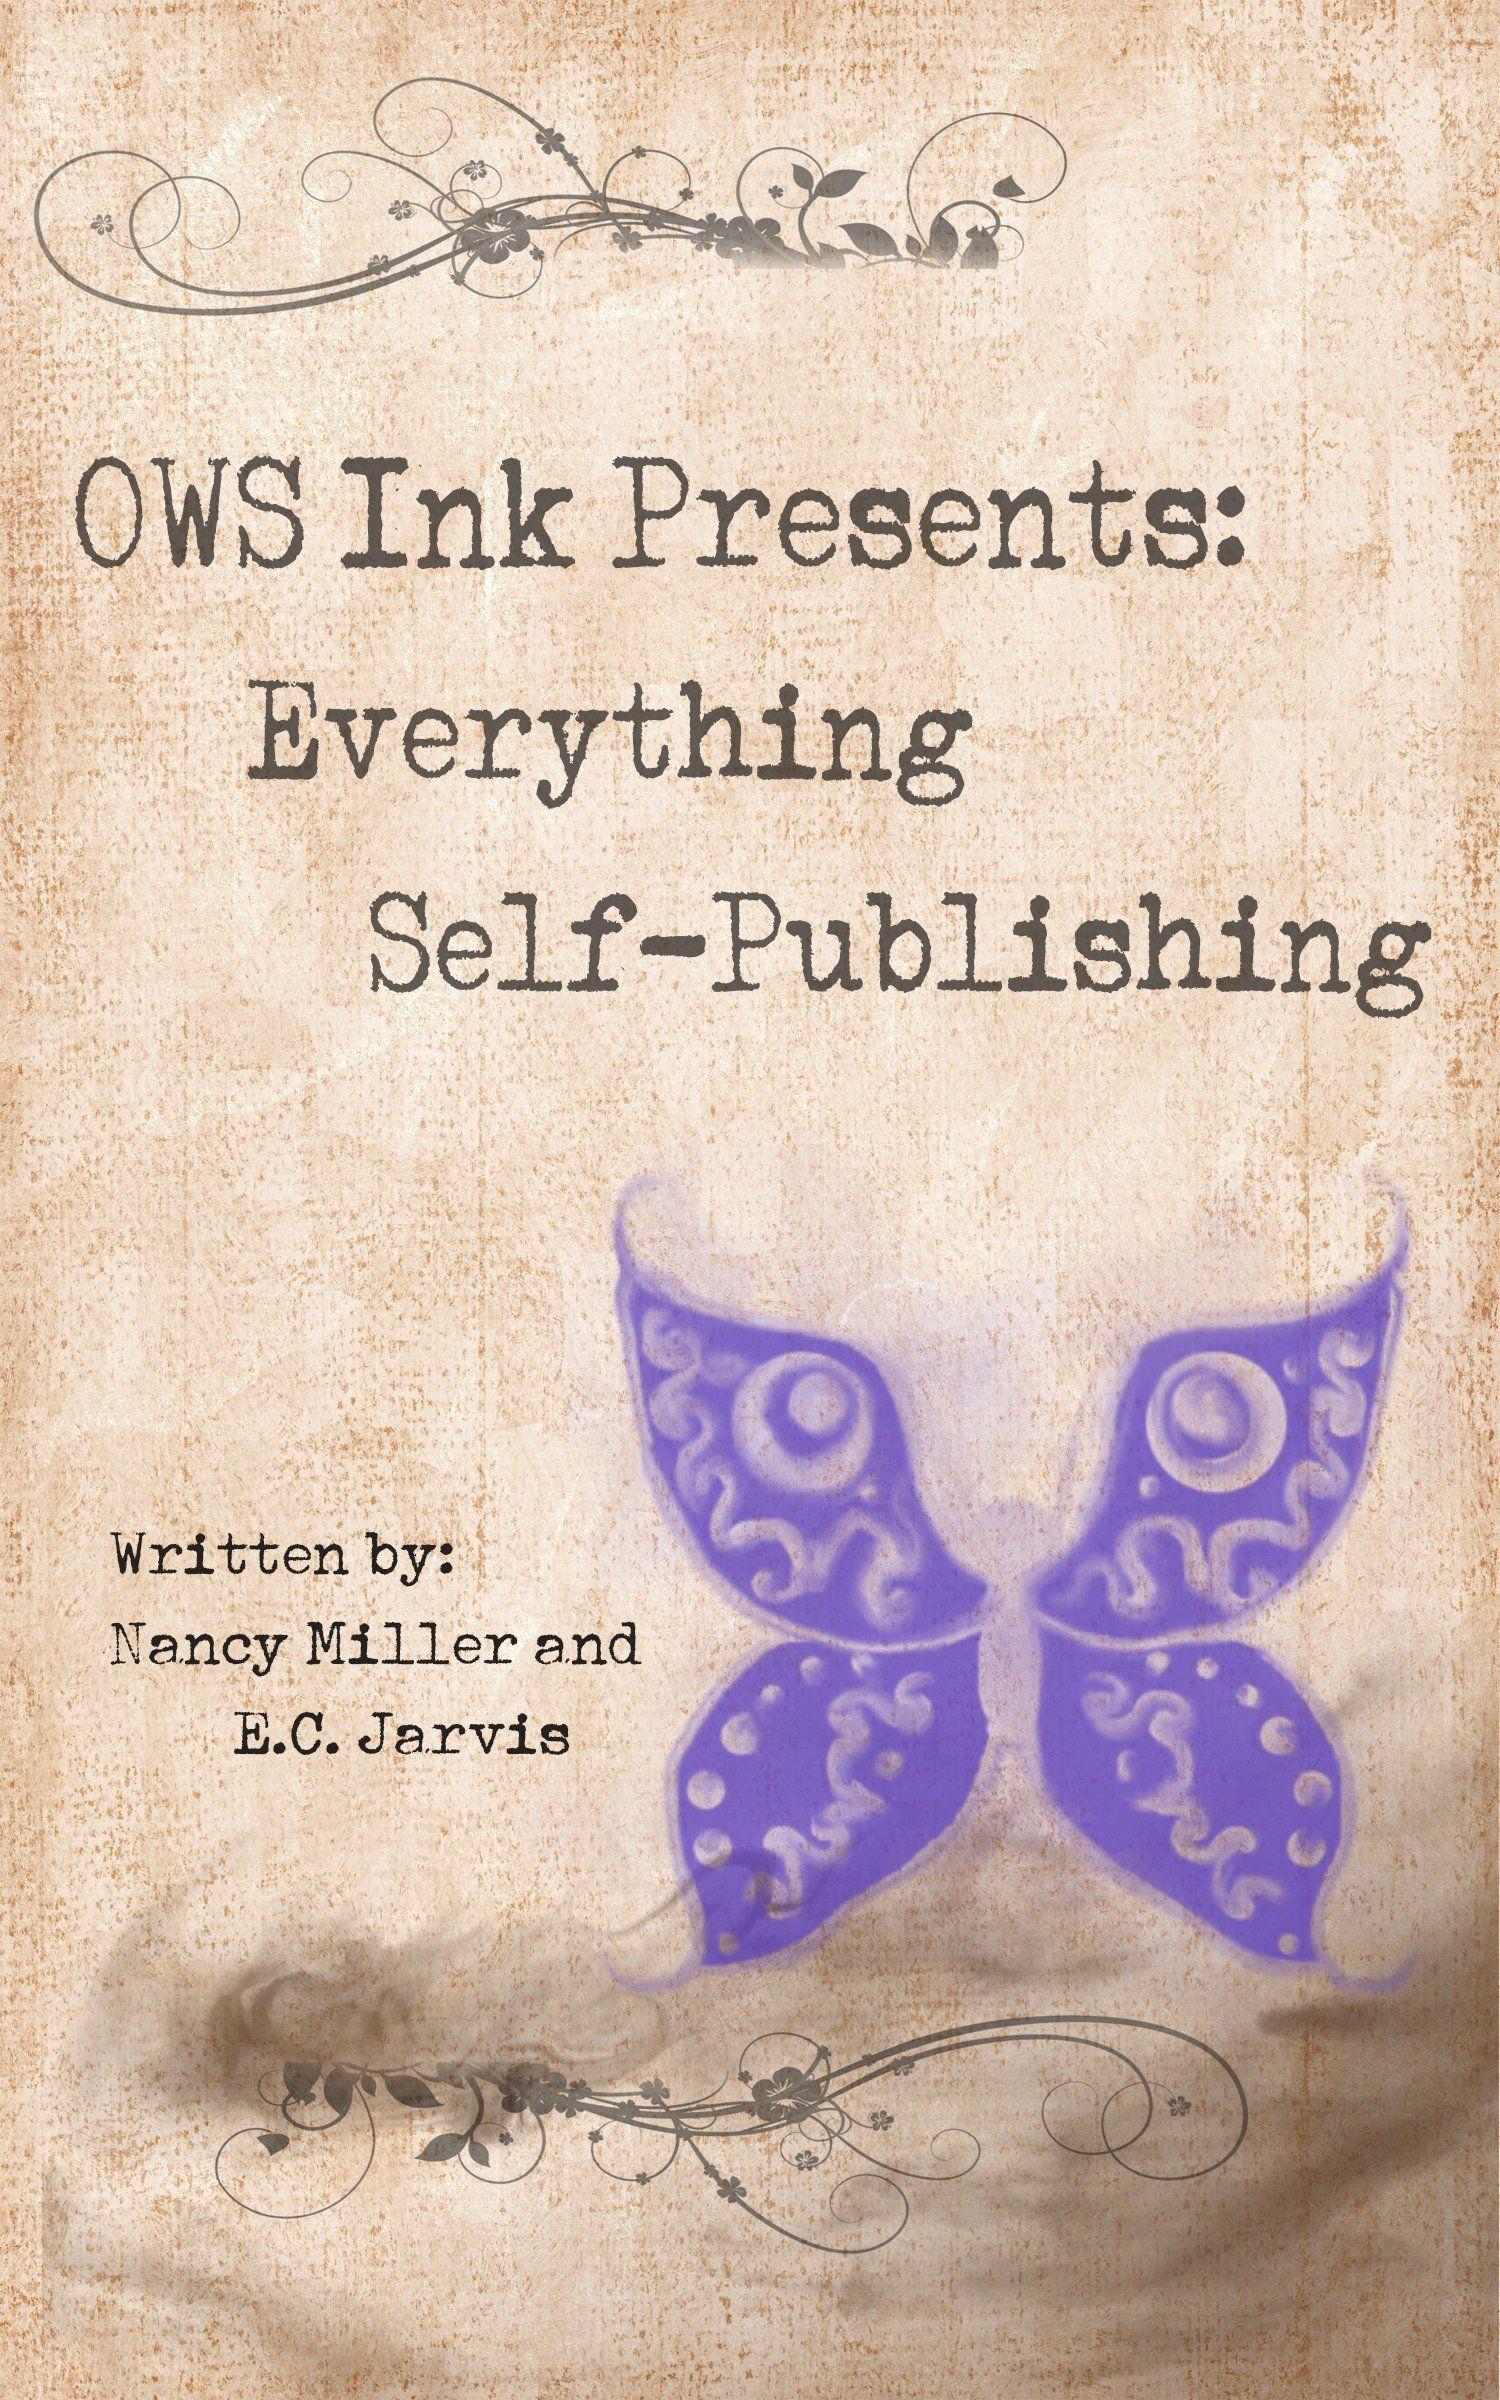 Self pub ebook title ebookpublishing best online manual pinterest self pub ebook title ebookpublishing fandeluxe Gallery